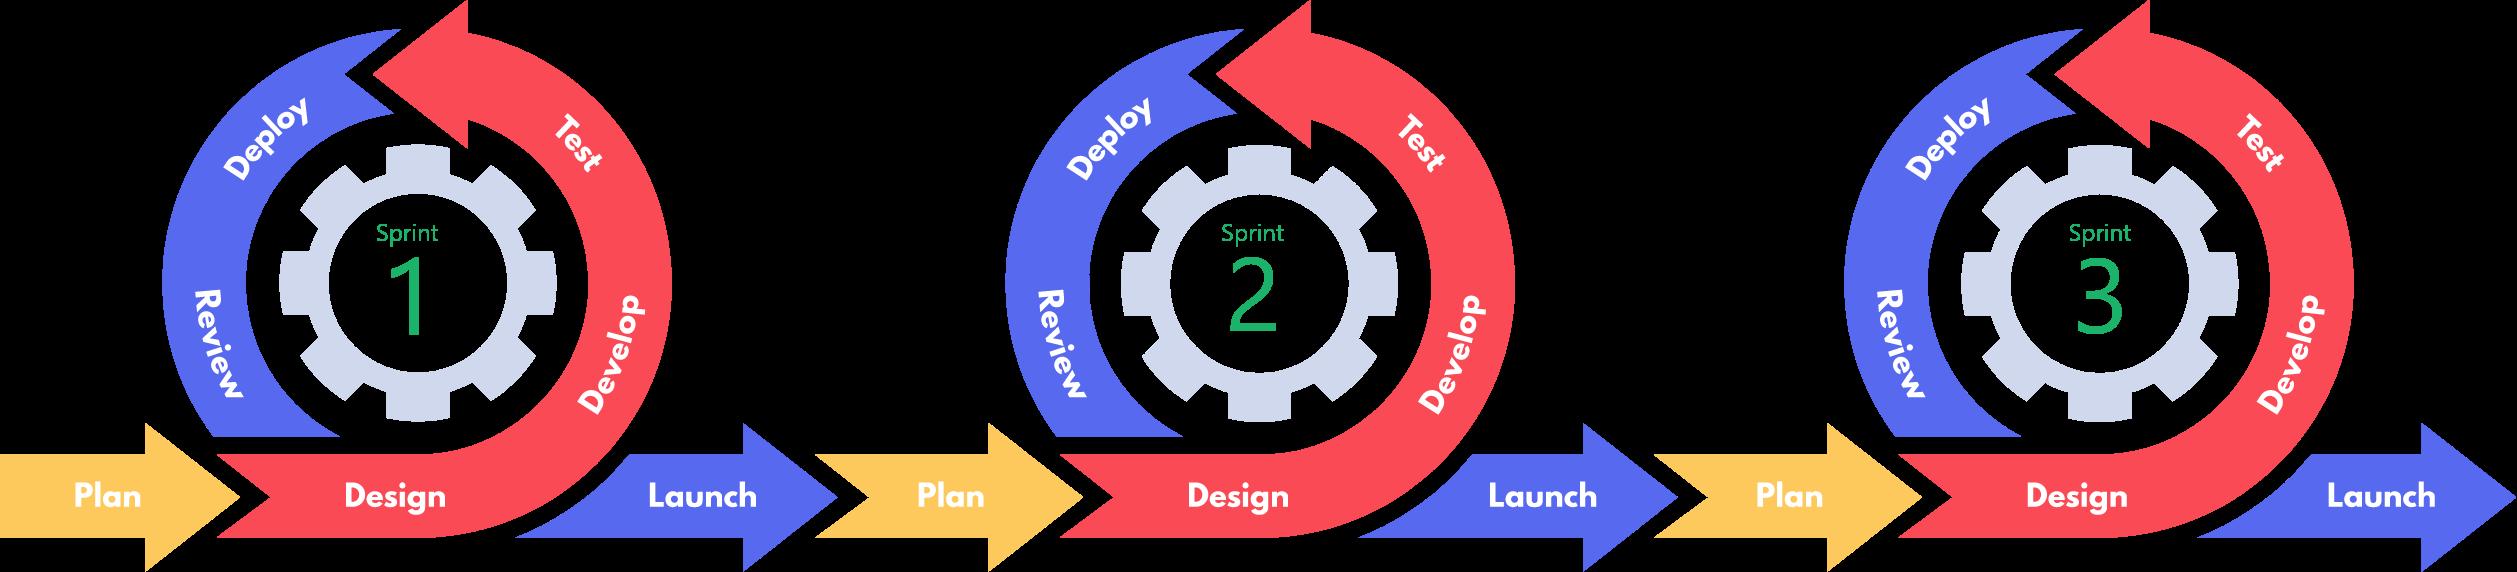 How Do Agile Teams Work?